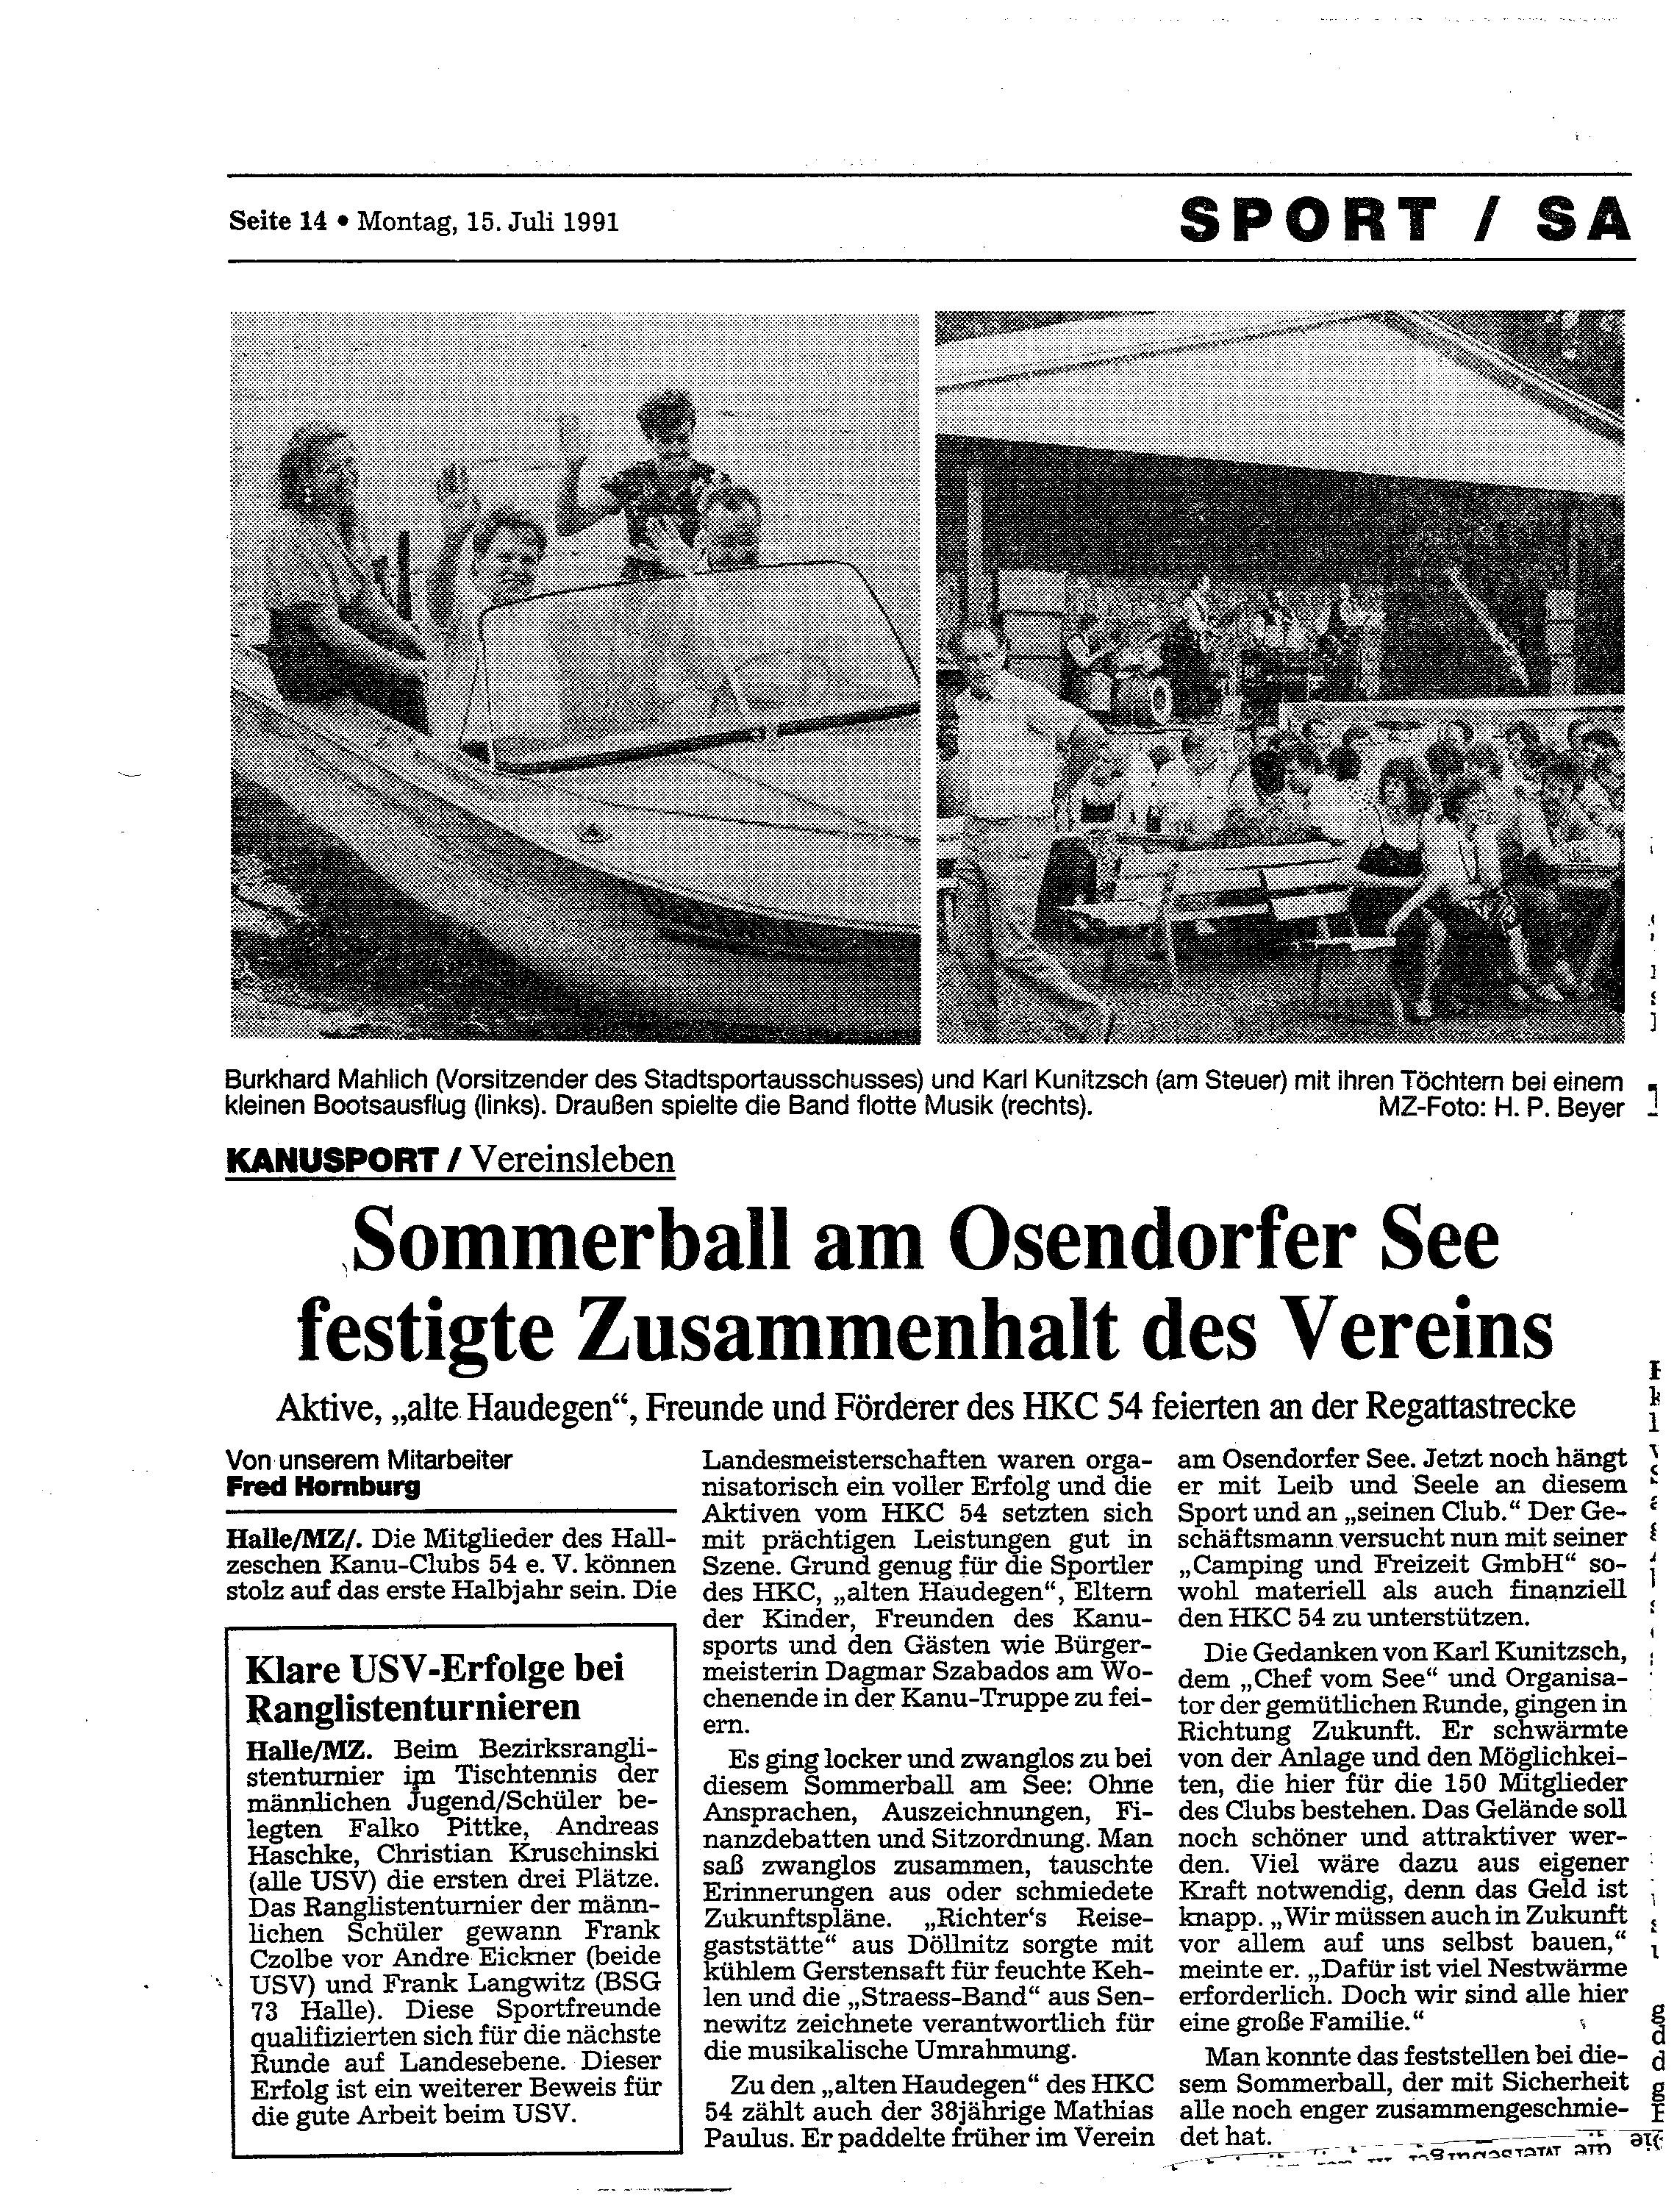 1991-07-15 MZ Sommerball am Osendorfer See festigte Zusammenhalt des Vereins